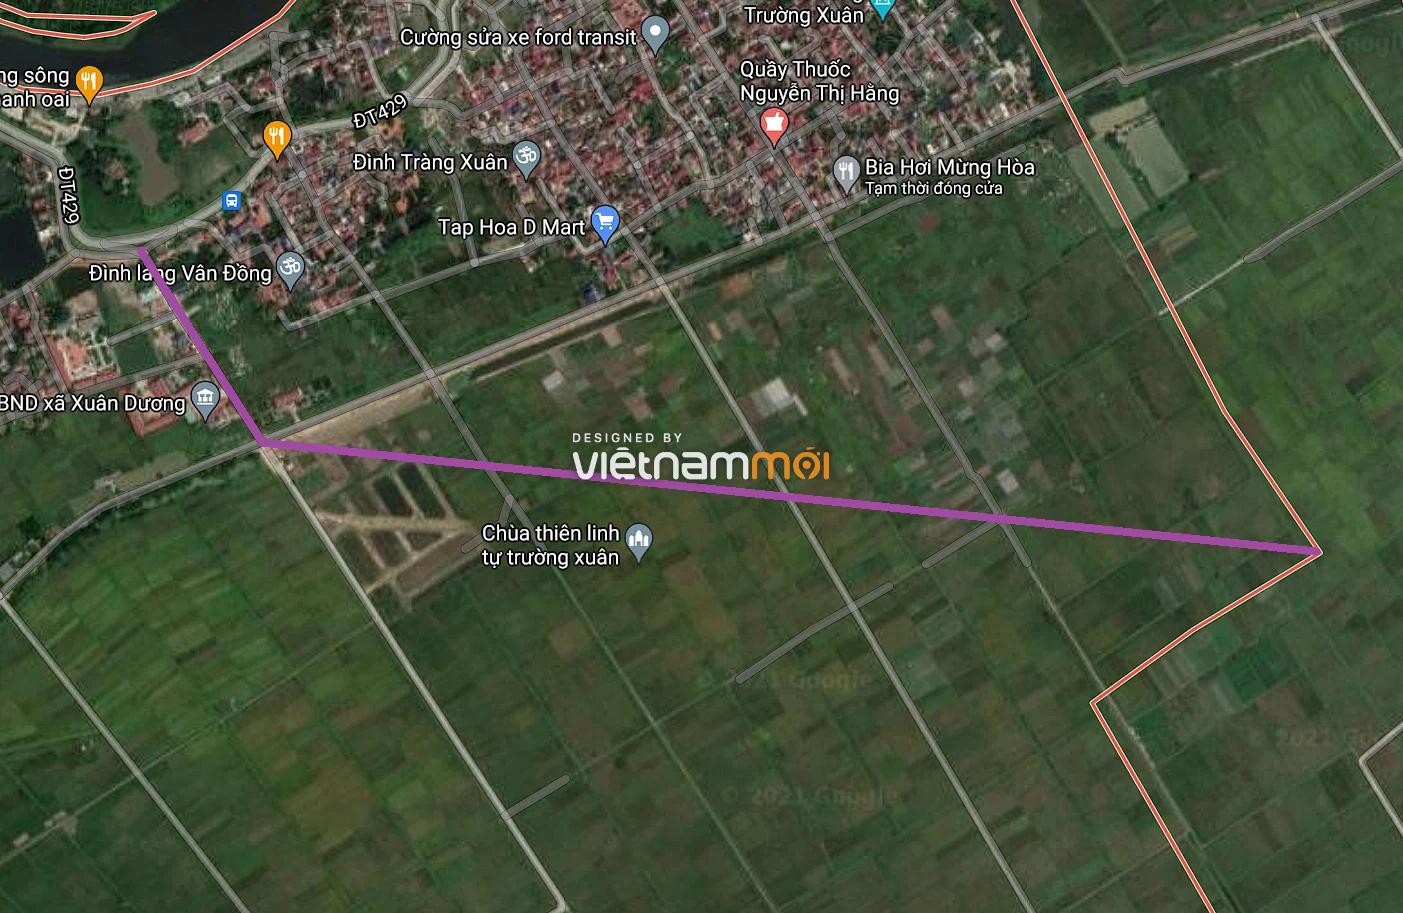 Đường sẽ mở ở xã Xuân Dương, Thanh Oai, Hà Nội - Ảnh 2.